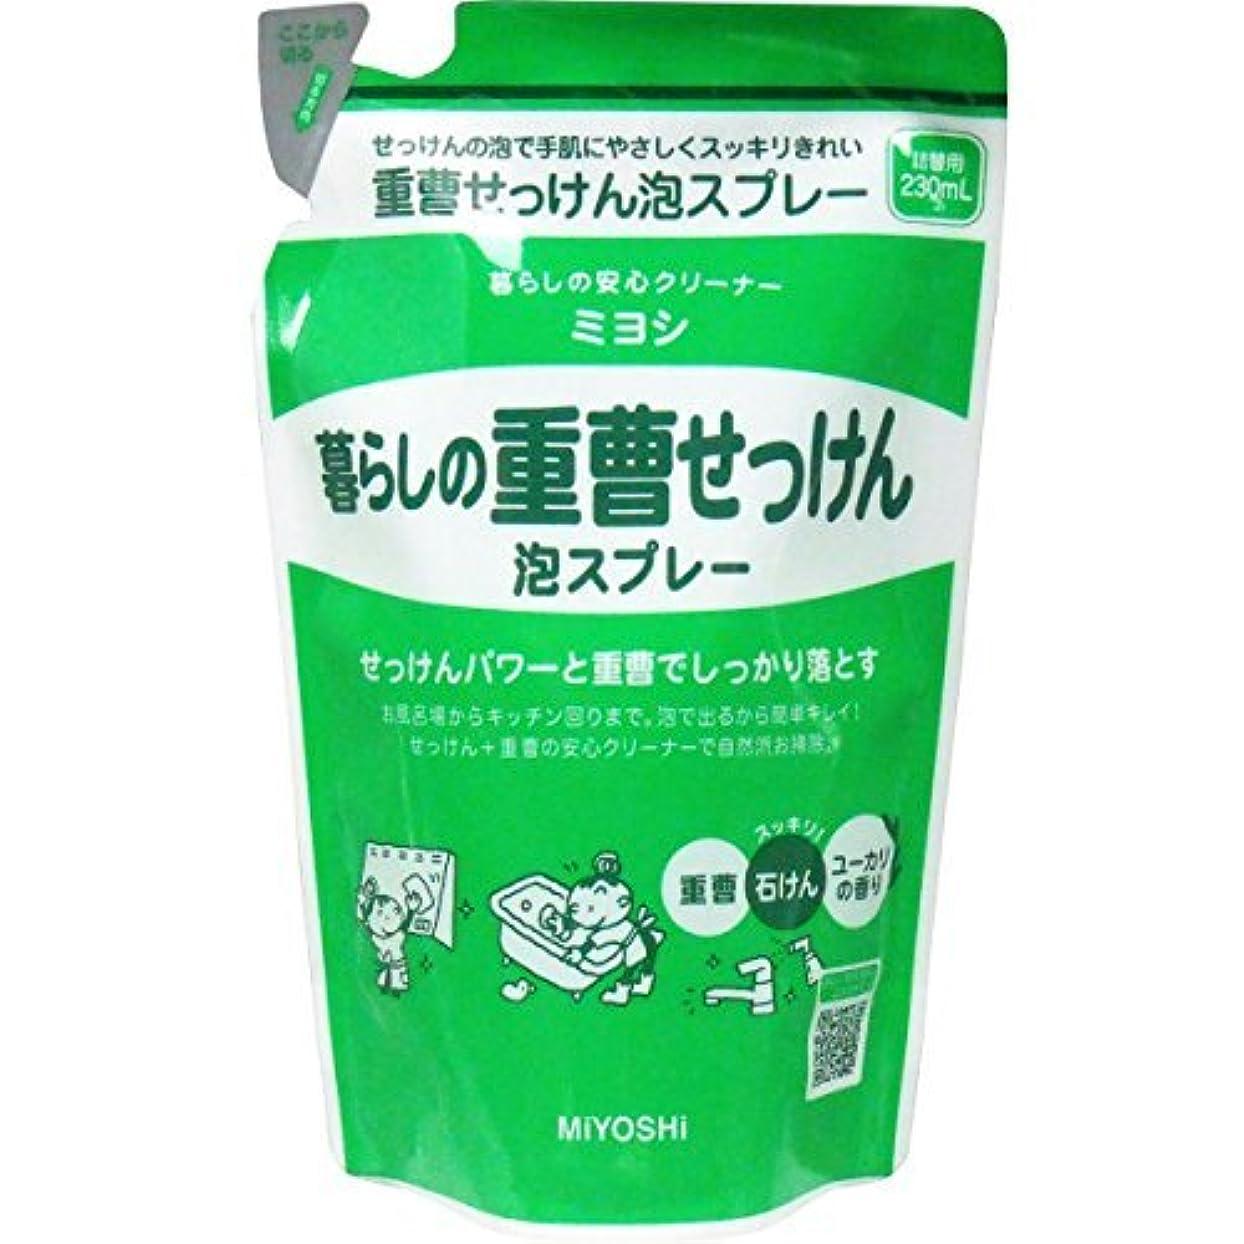 【まとめ買い】暮らしの重曹せっけん泡スプレー 詰替 230ML ミヨシ石鹸 ×3個